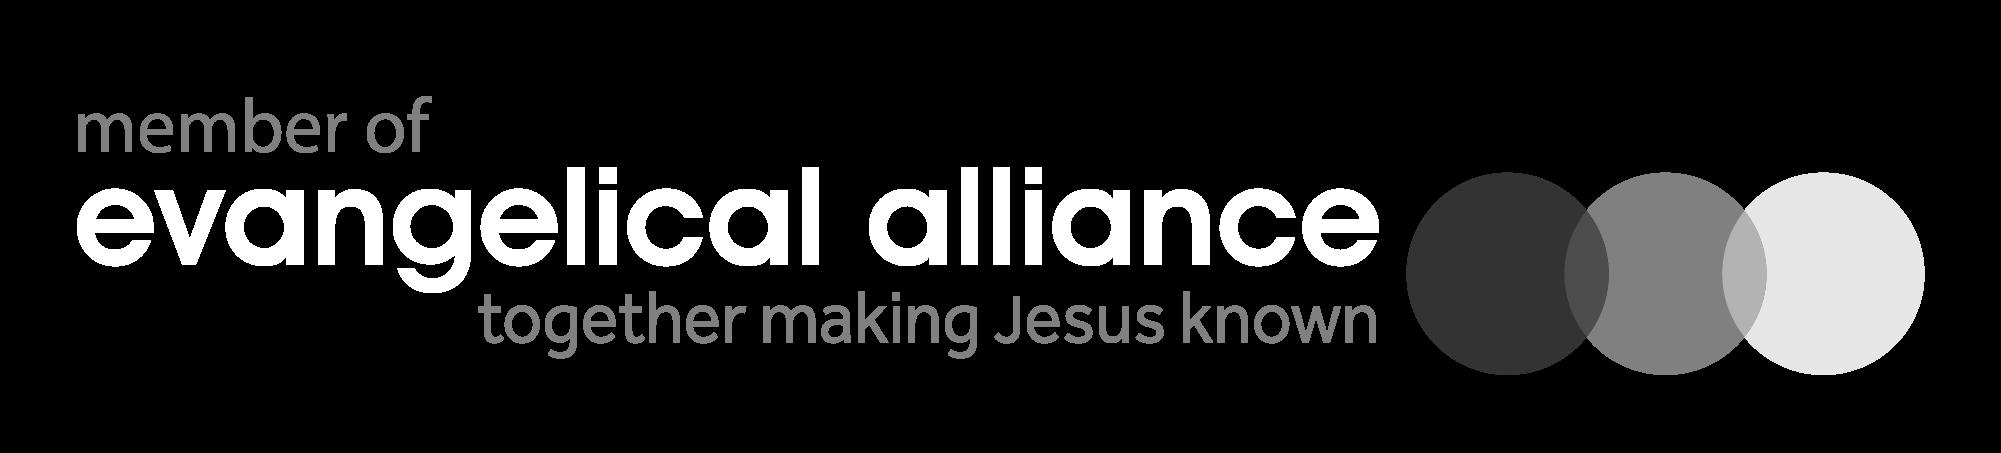 evangelical alliance